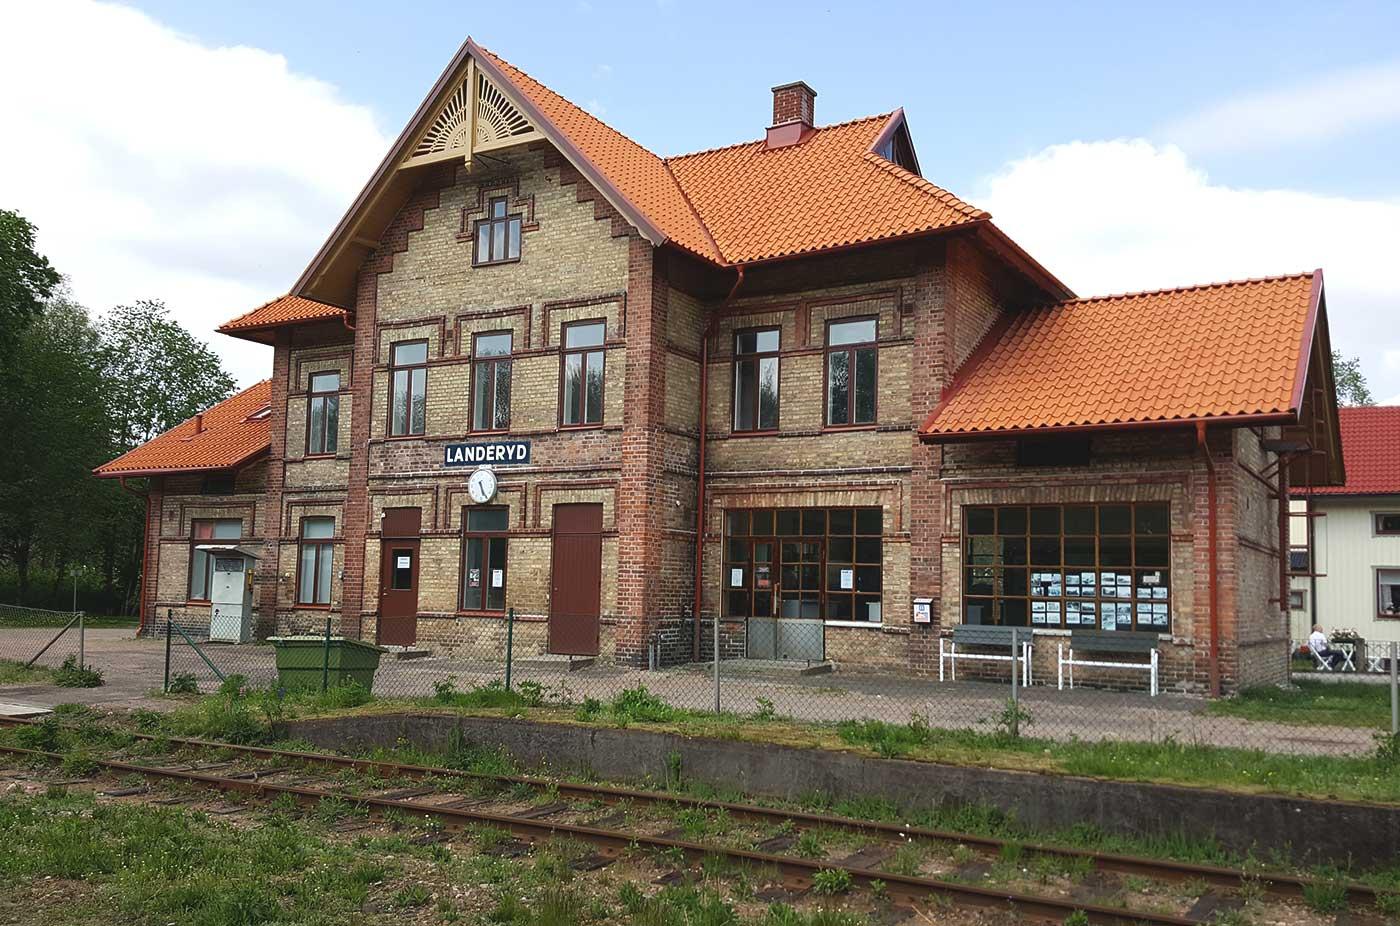 Landeryds stationshus